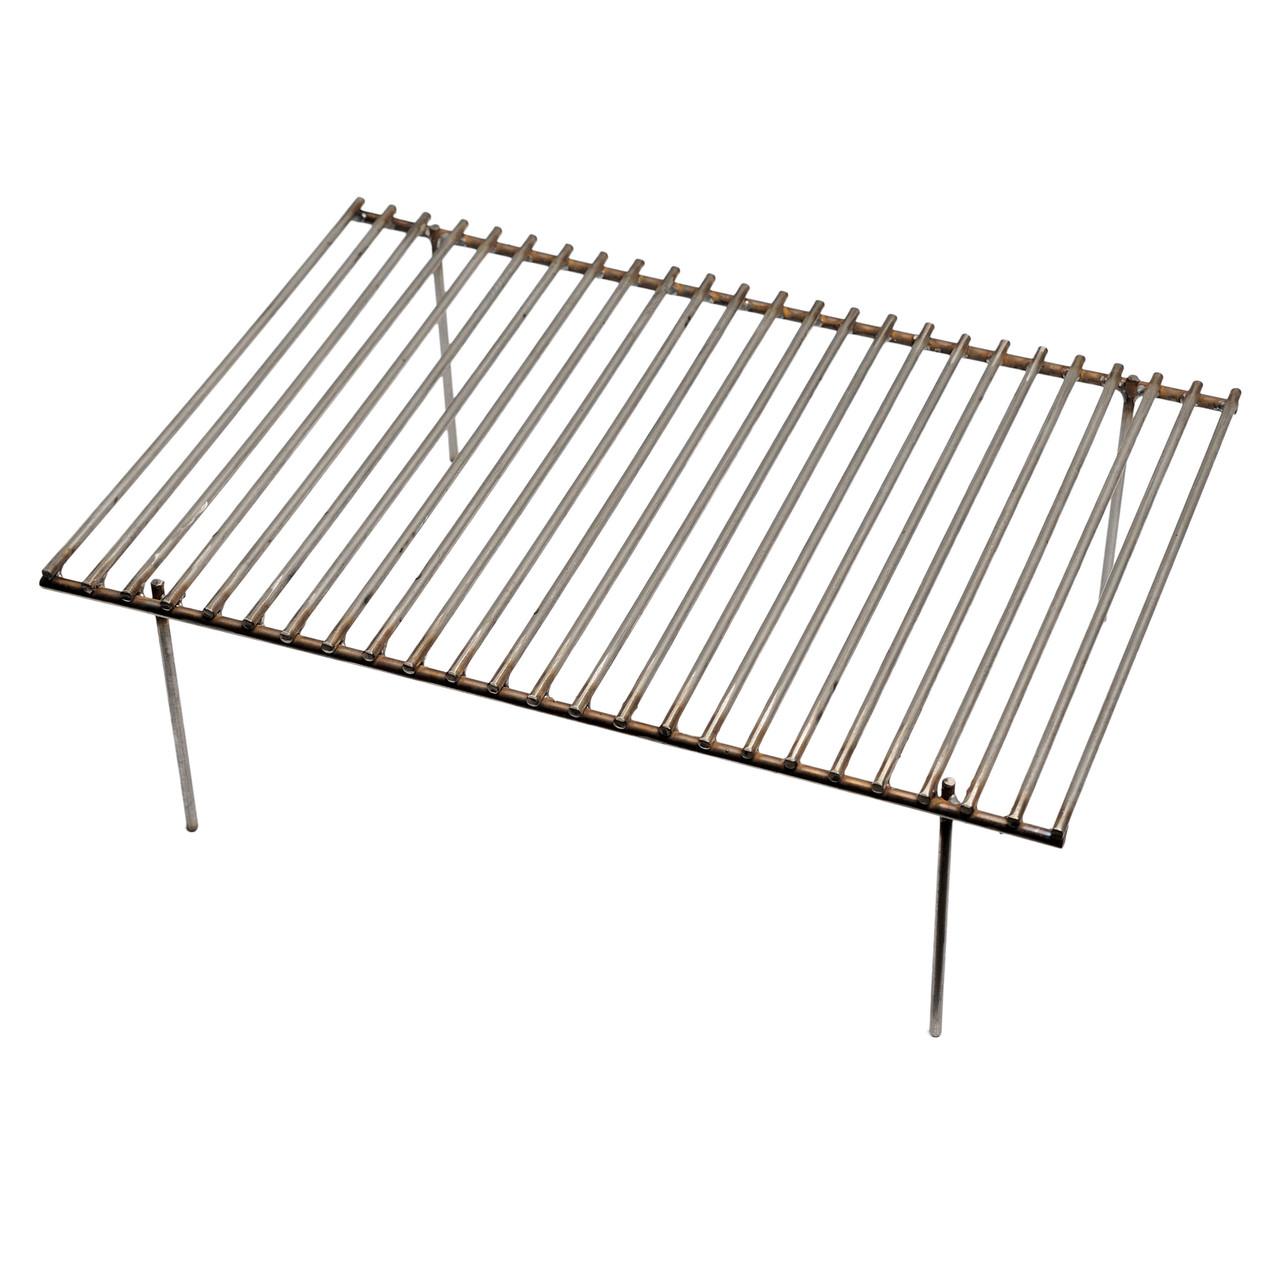 Решетка-гриль металлическая 400х280х130мм для мангала, гриля, барбекю из нержавеющей стали